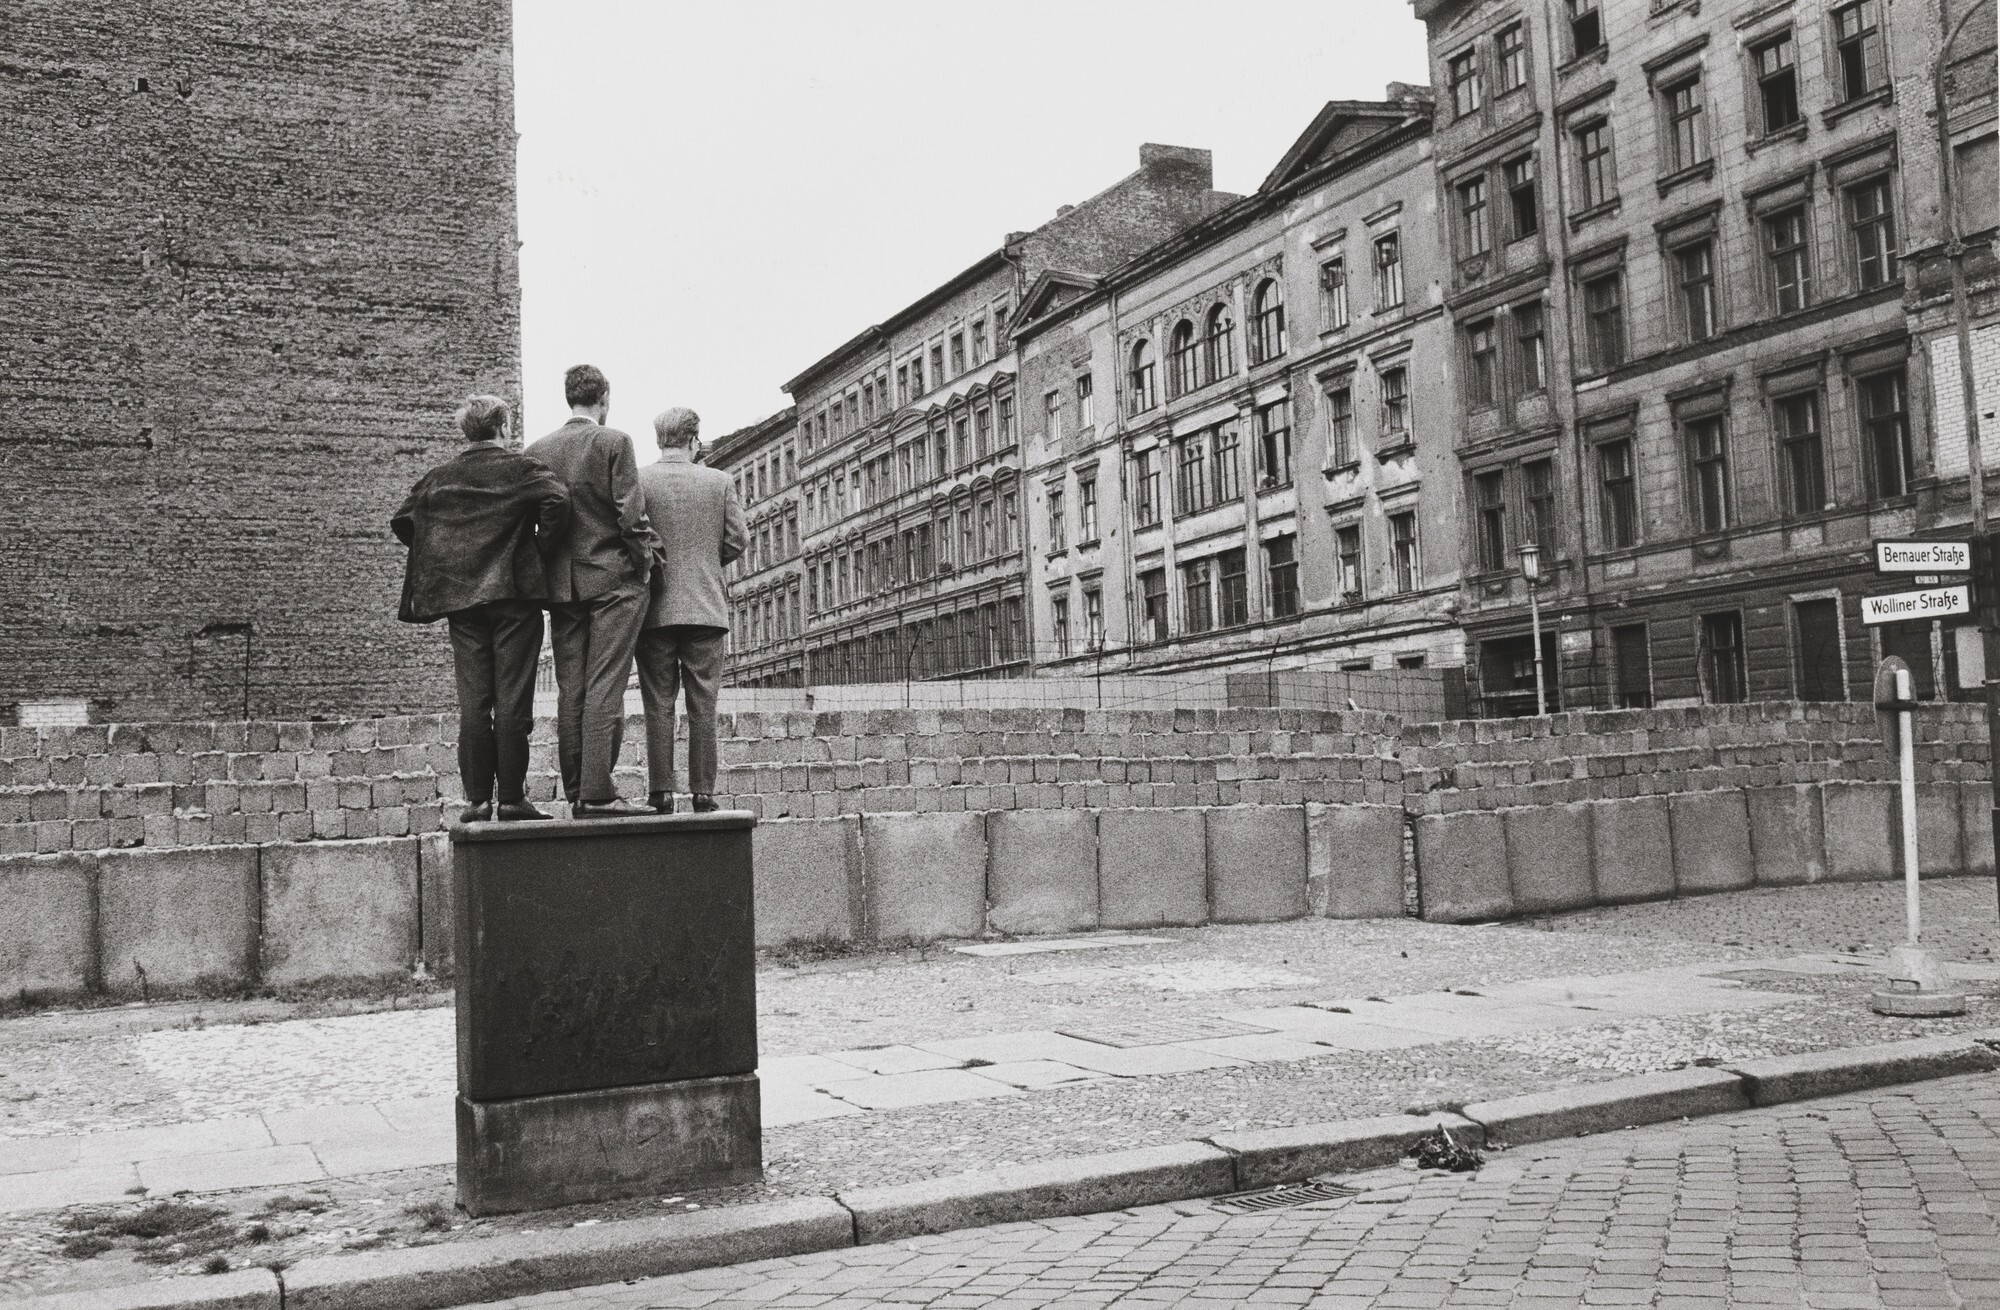 Берлин, 1963. Фотограф Анри Картье-Брессон